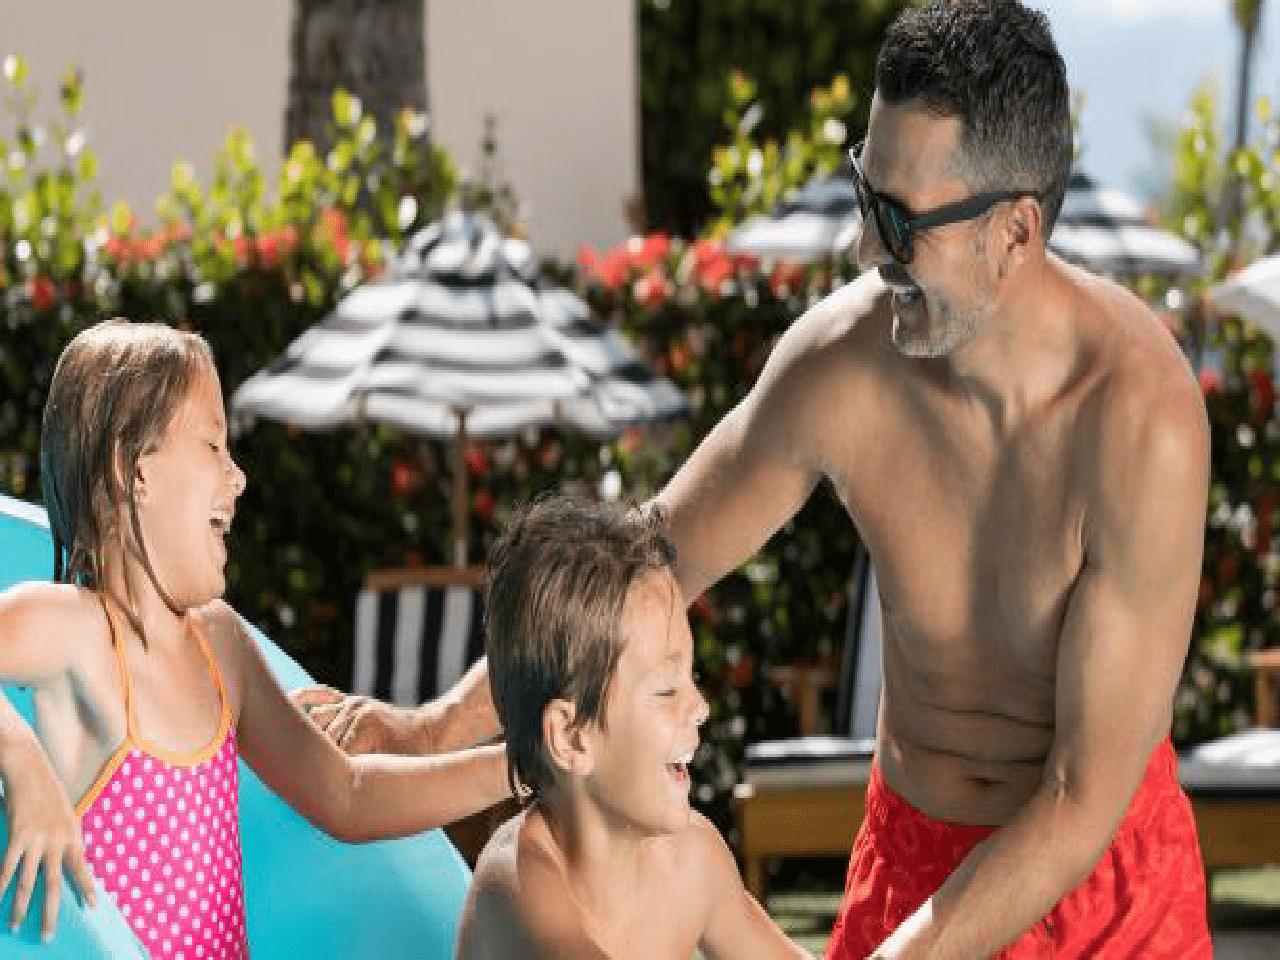 Bodas en la playa paquetes - familia en la alberca